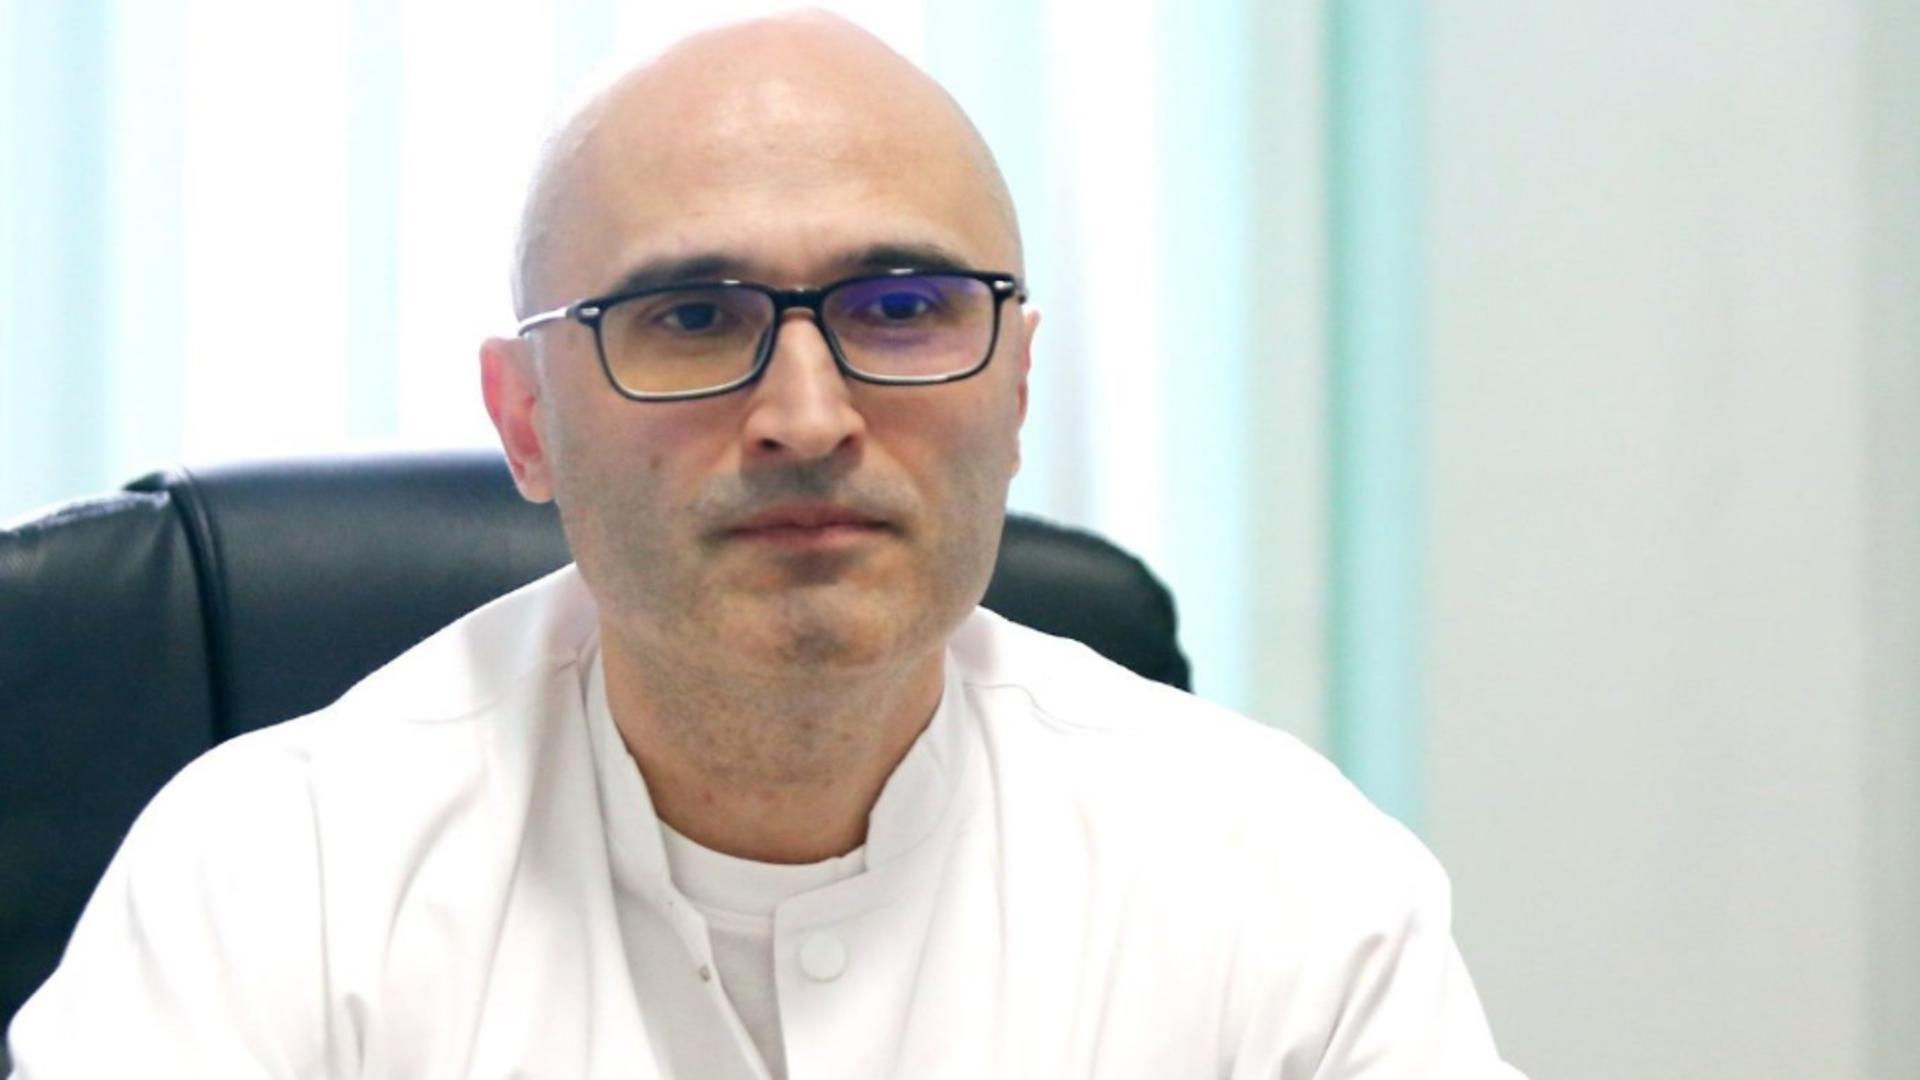 Dr. Cristian Oancea